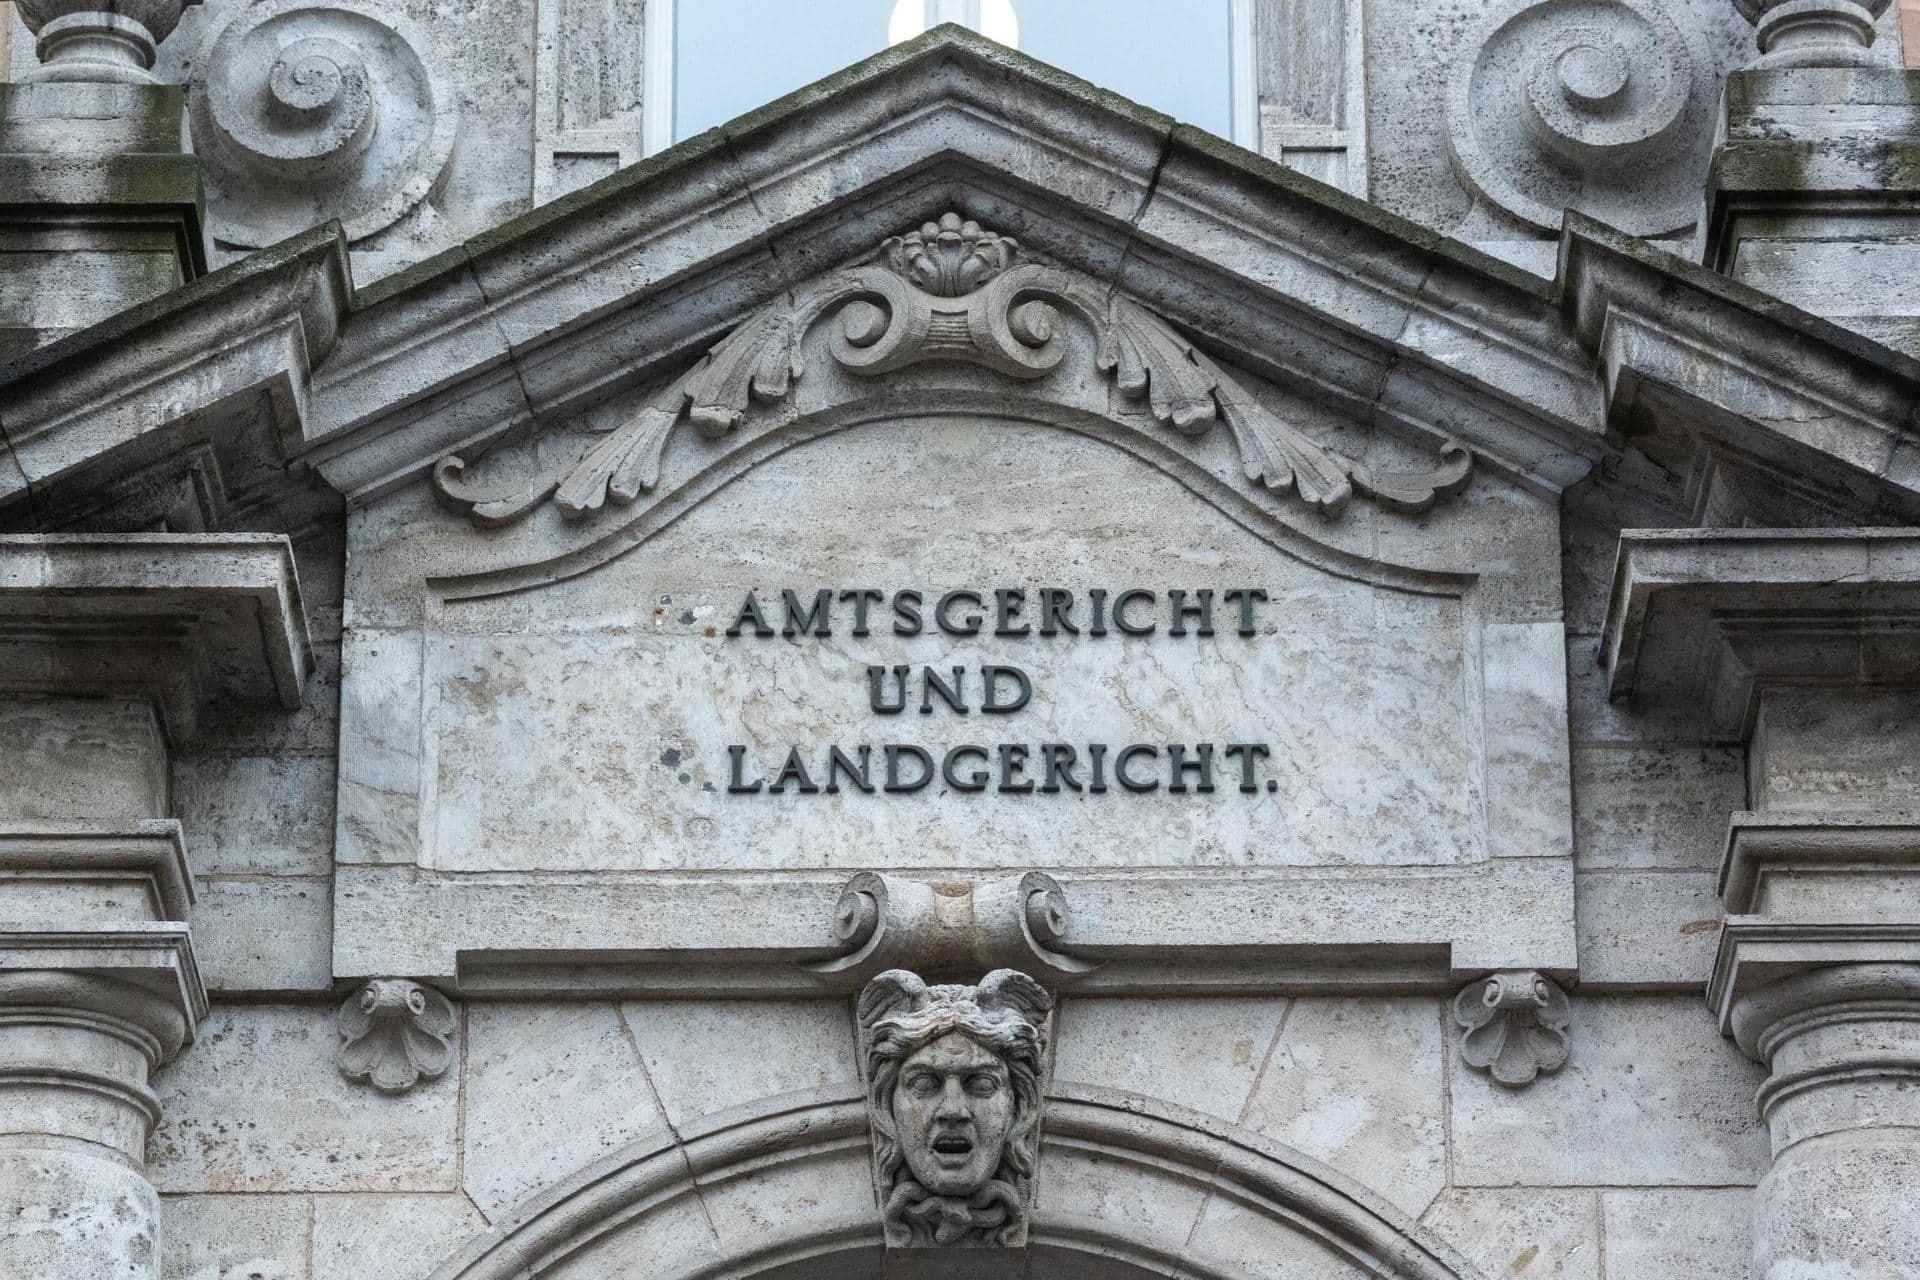 Tödliche Schüsse: Mann wegen Mordes verurteilt Landgericht Regensburg